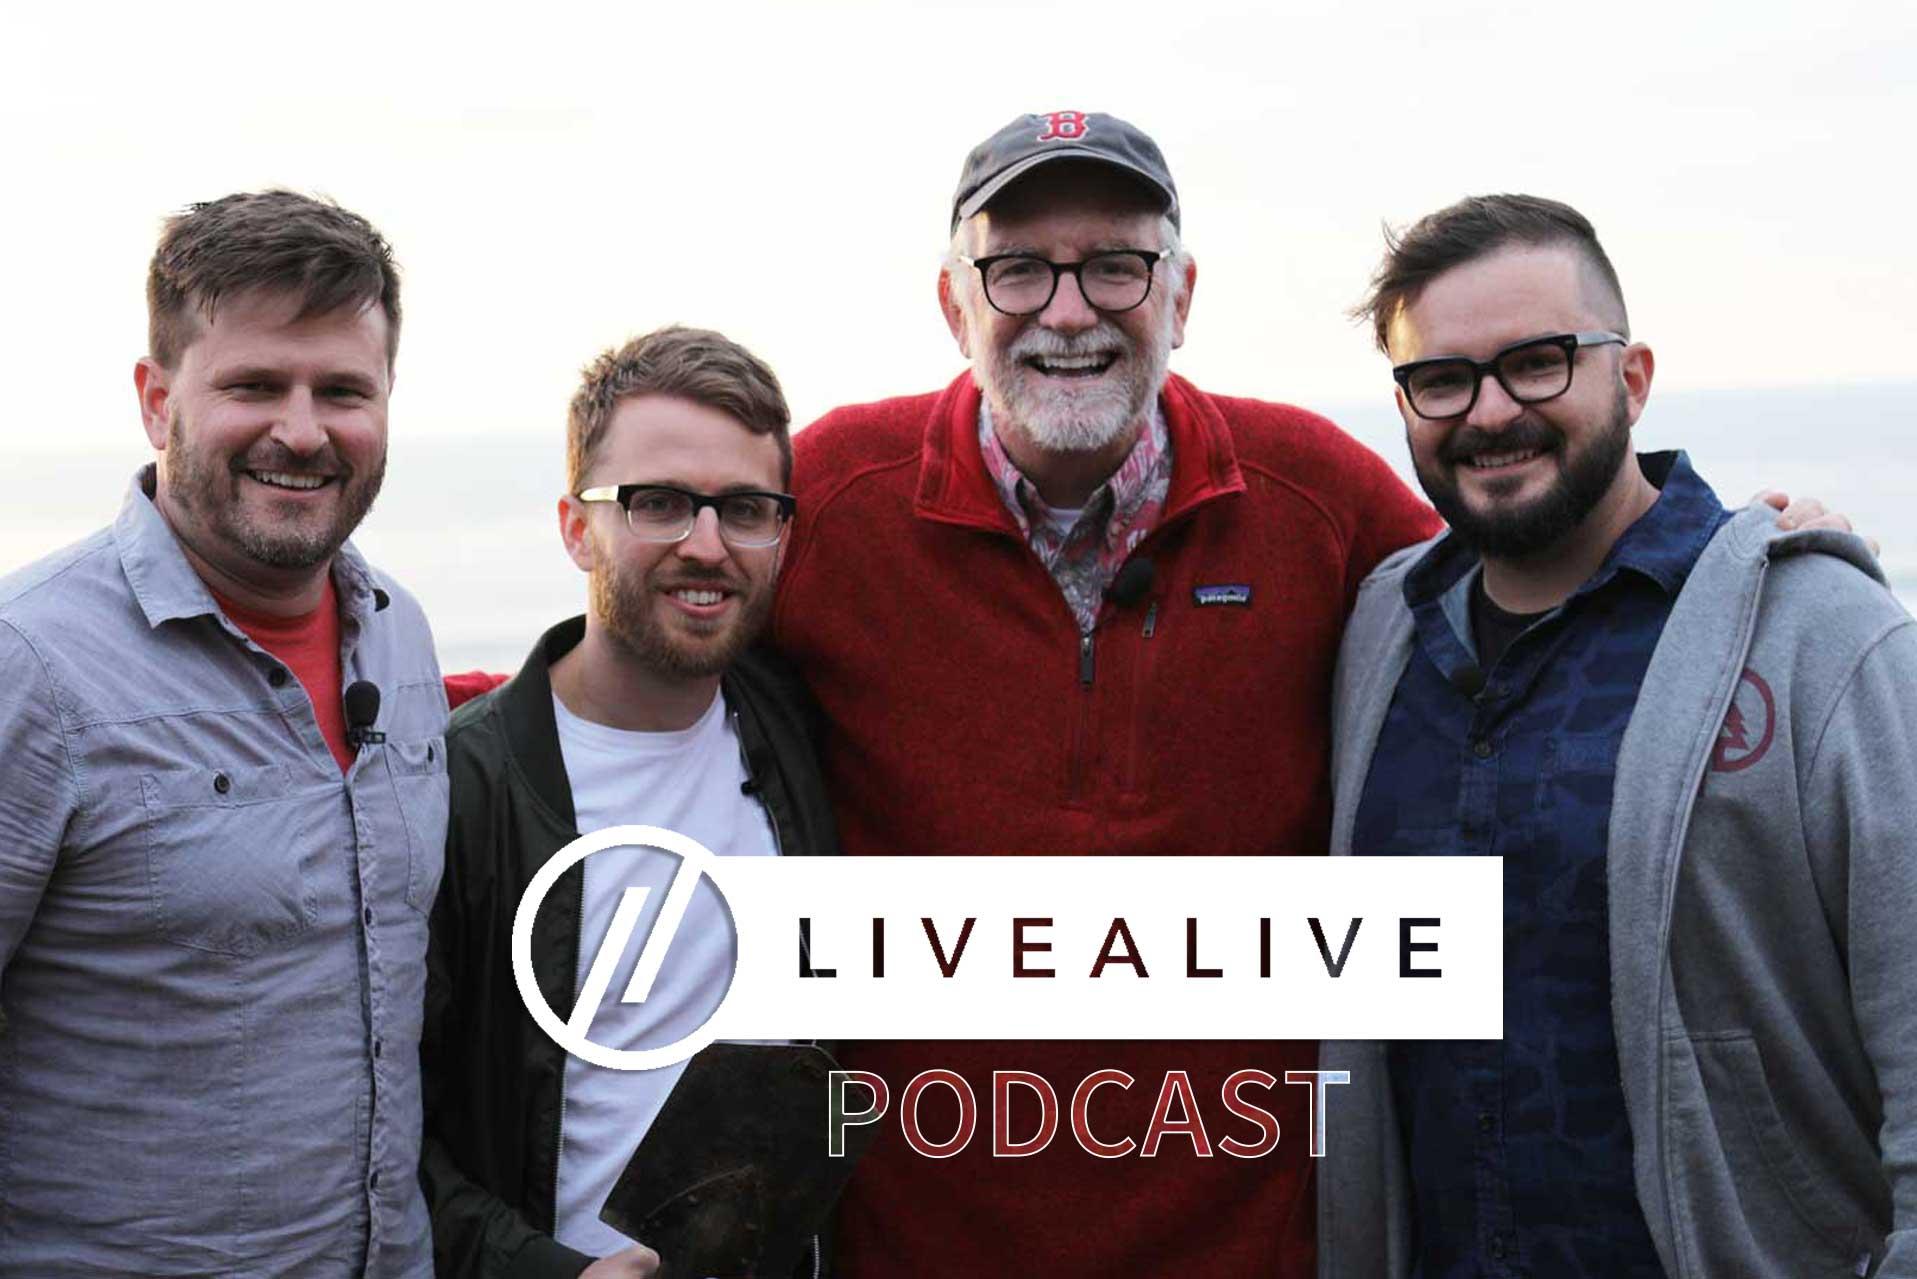 Bob Goff - Live Alive Podcast